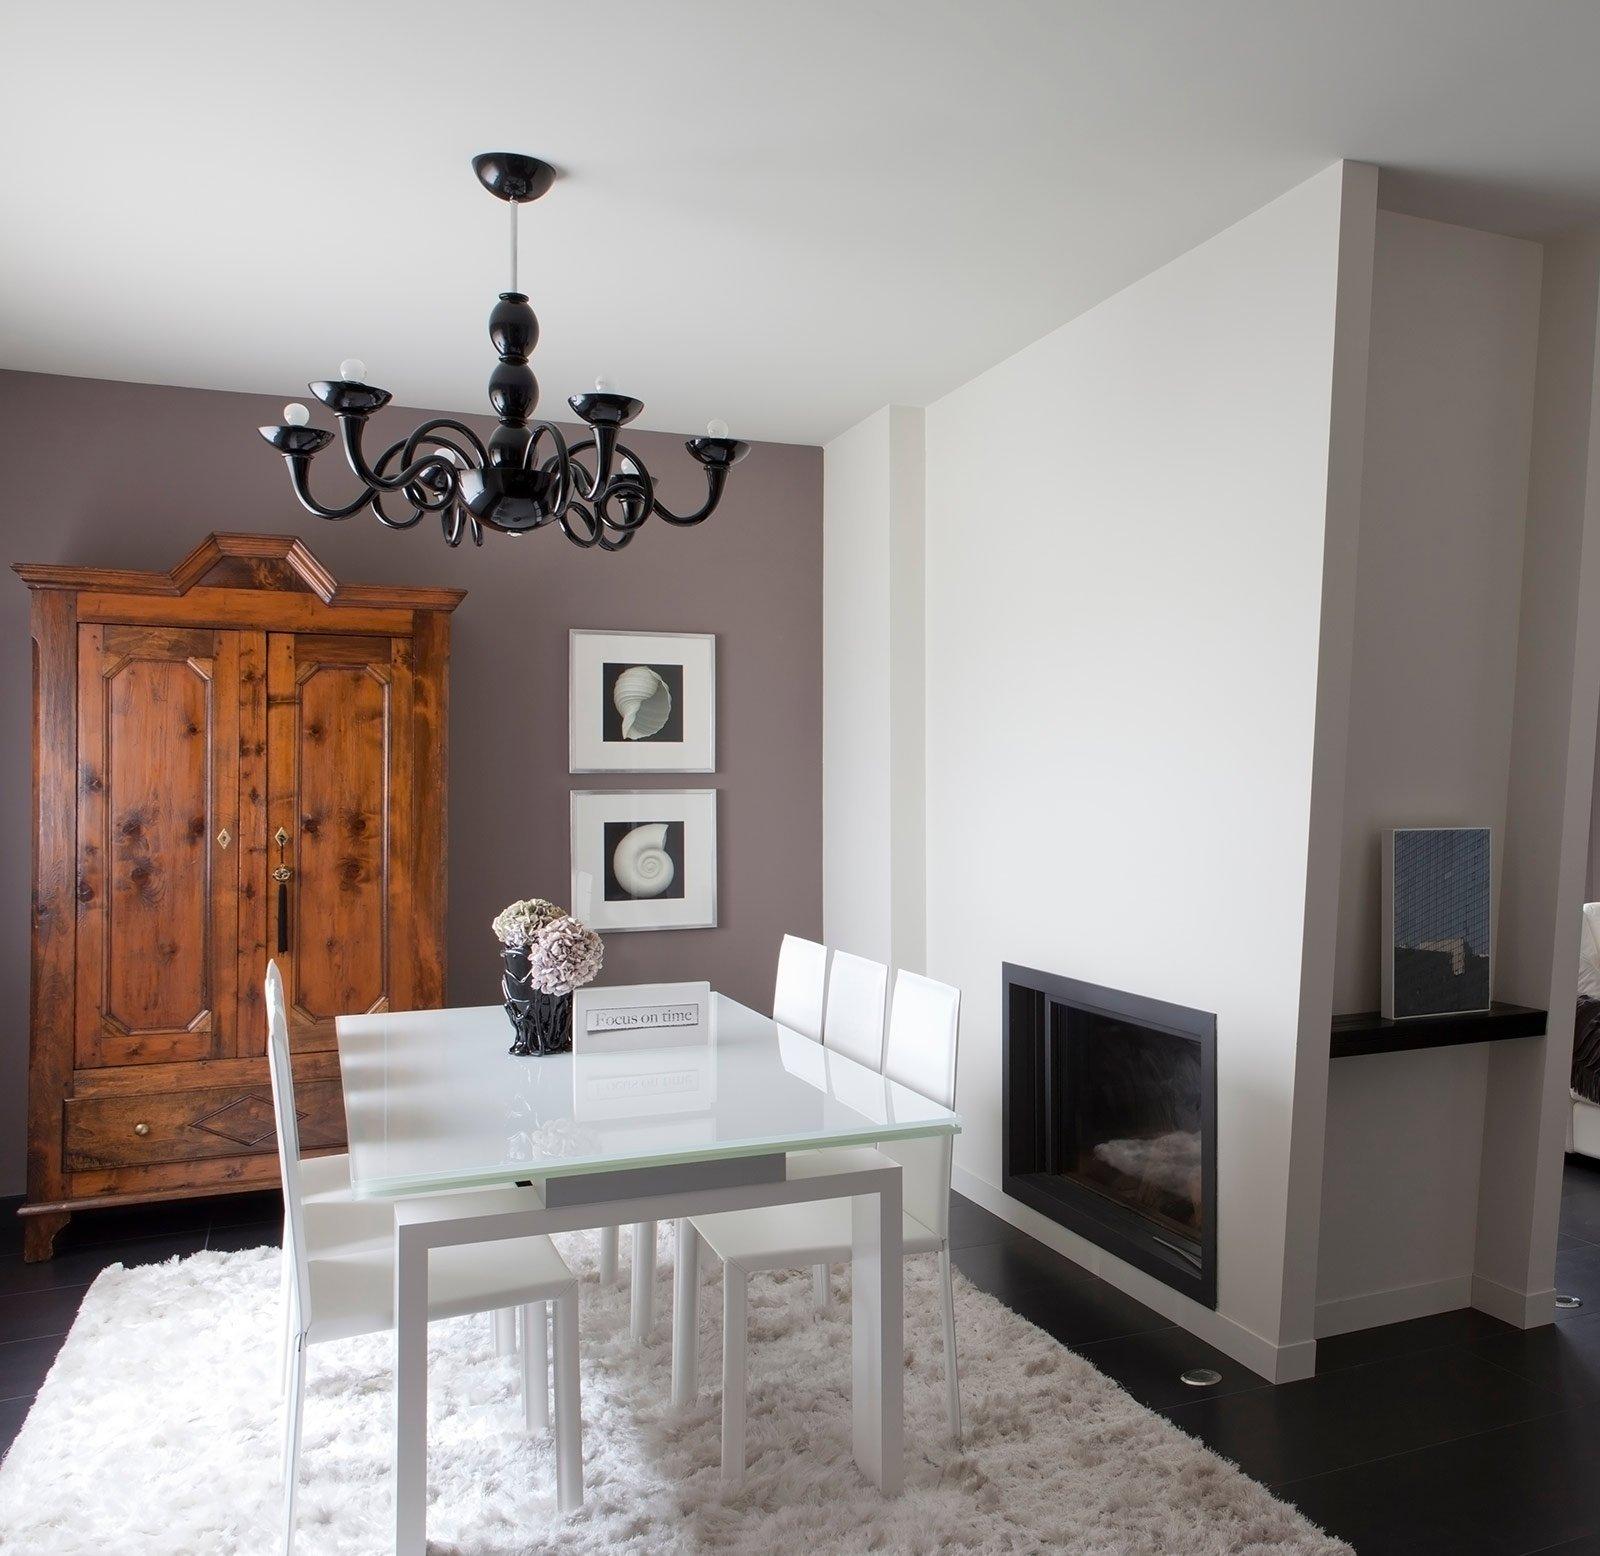 Bianco Grigio Nero Per La Casa Di Gusto Contemporaneo Cose Di Casa #965735 1600 1556 Sala Da Pranzo Parquet